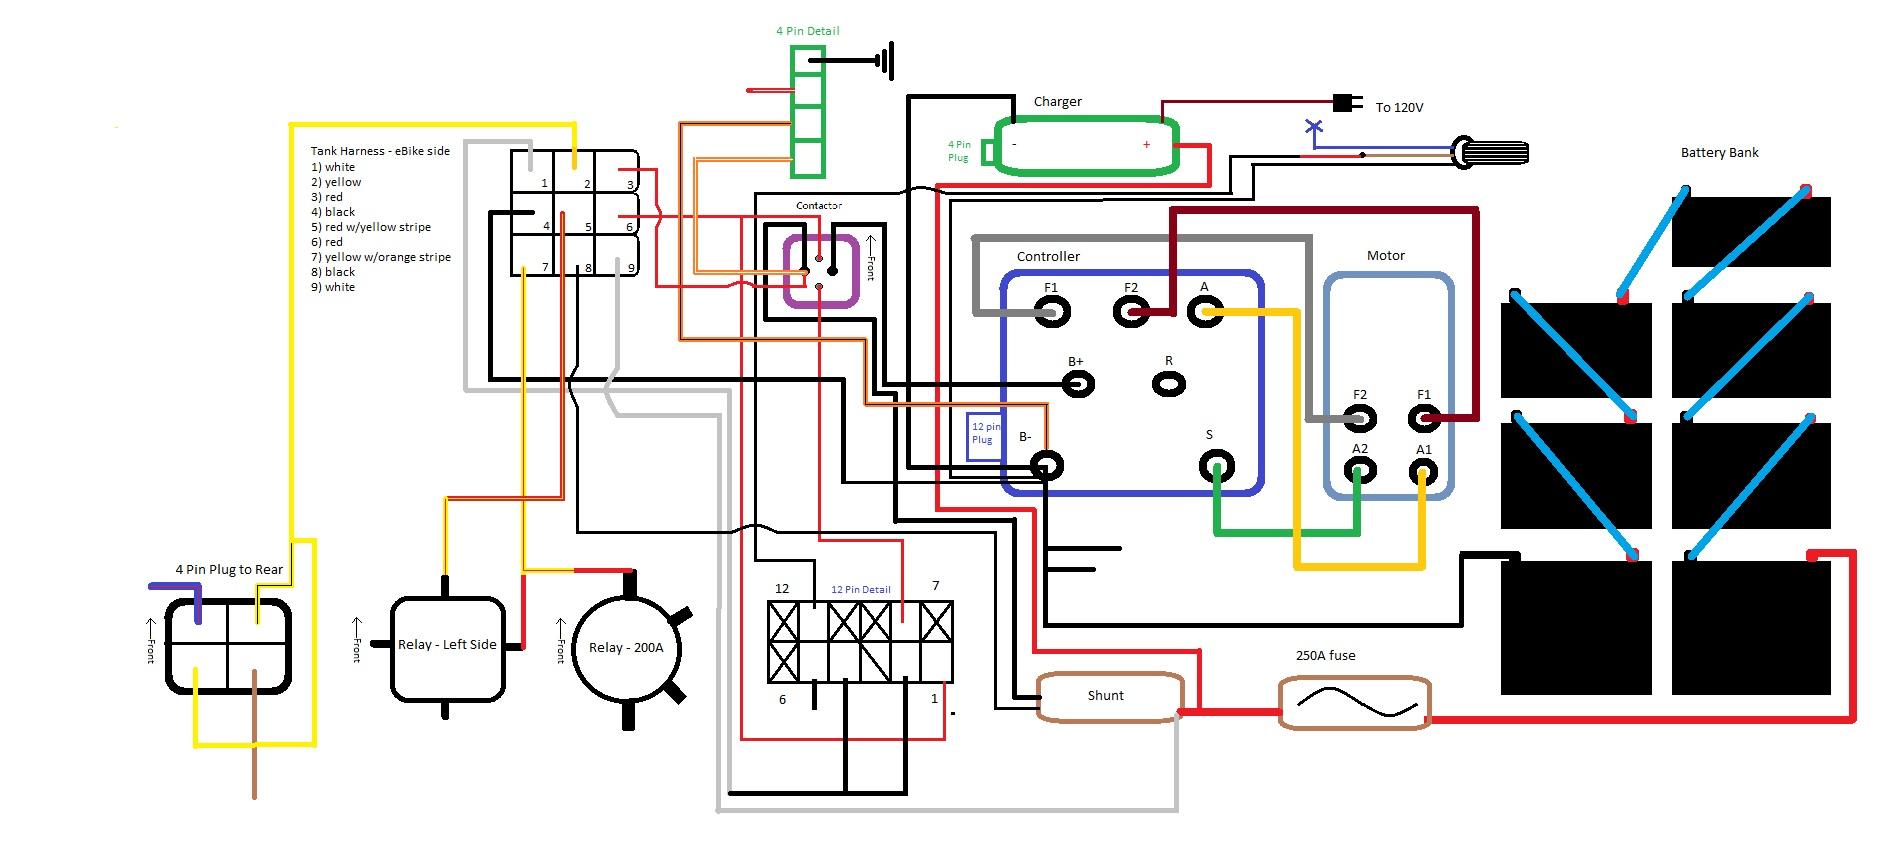 yale wiring schematic model glc50tgnuae082